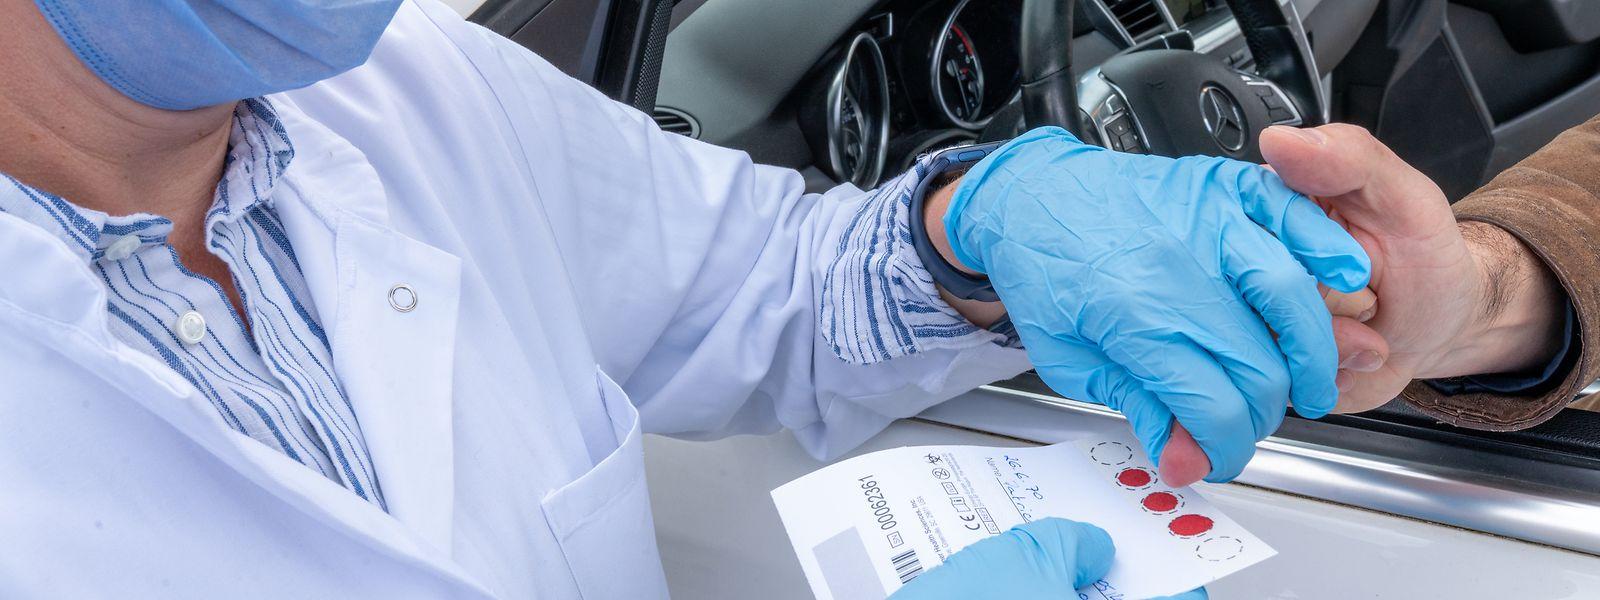 Mittlerweile werden beim Large Scale Testing von den Laboratoires réunis auch die serologischen Antikörpertests DBS (dry blood spot) durchgeführt.